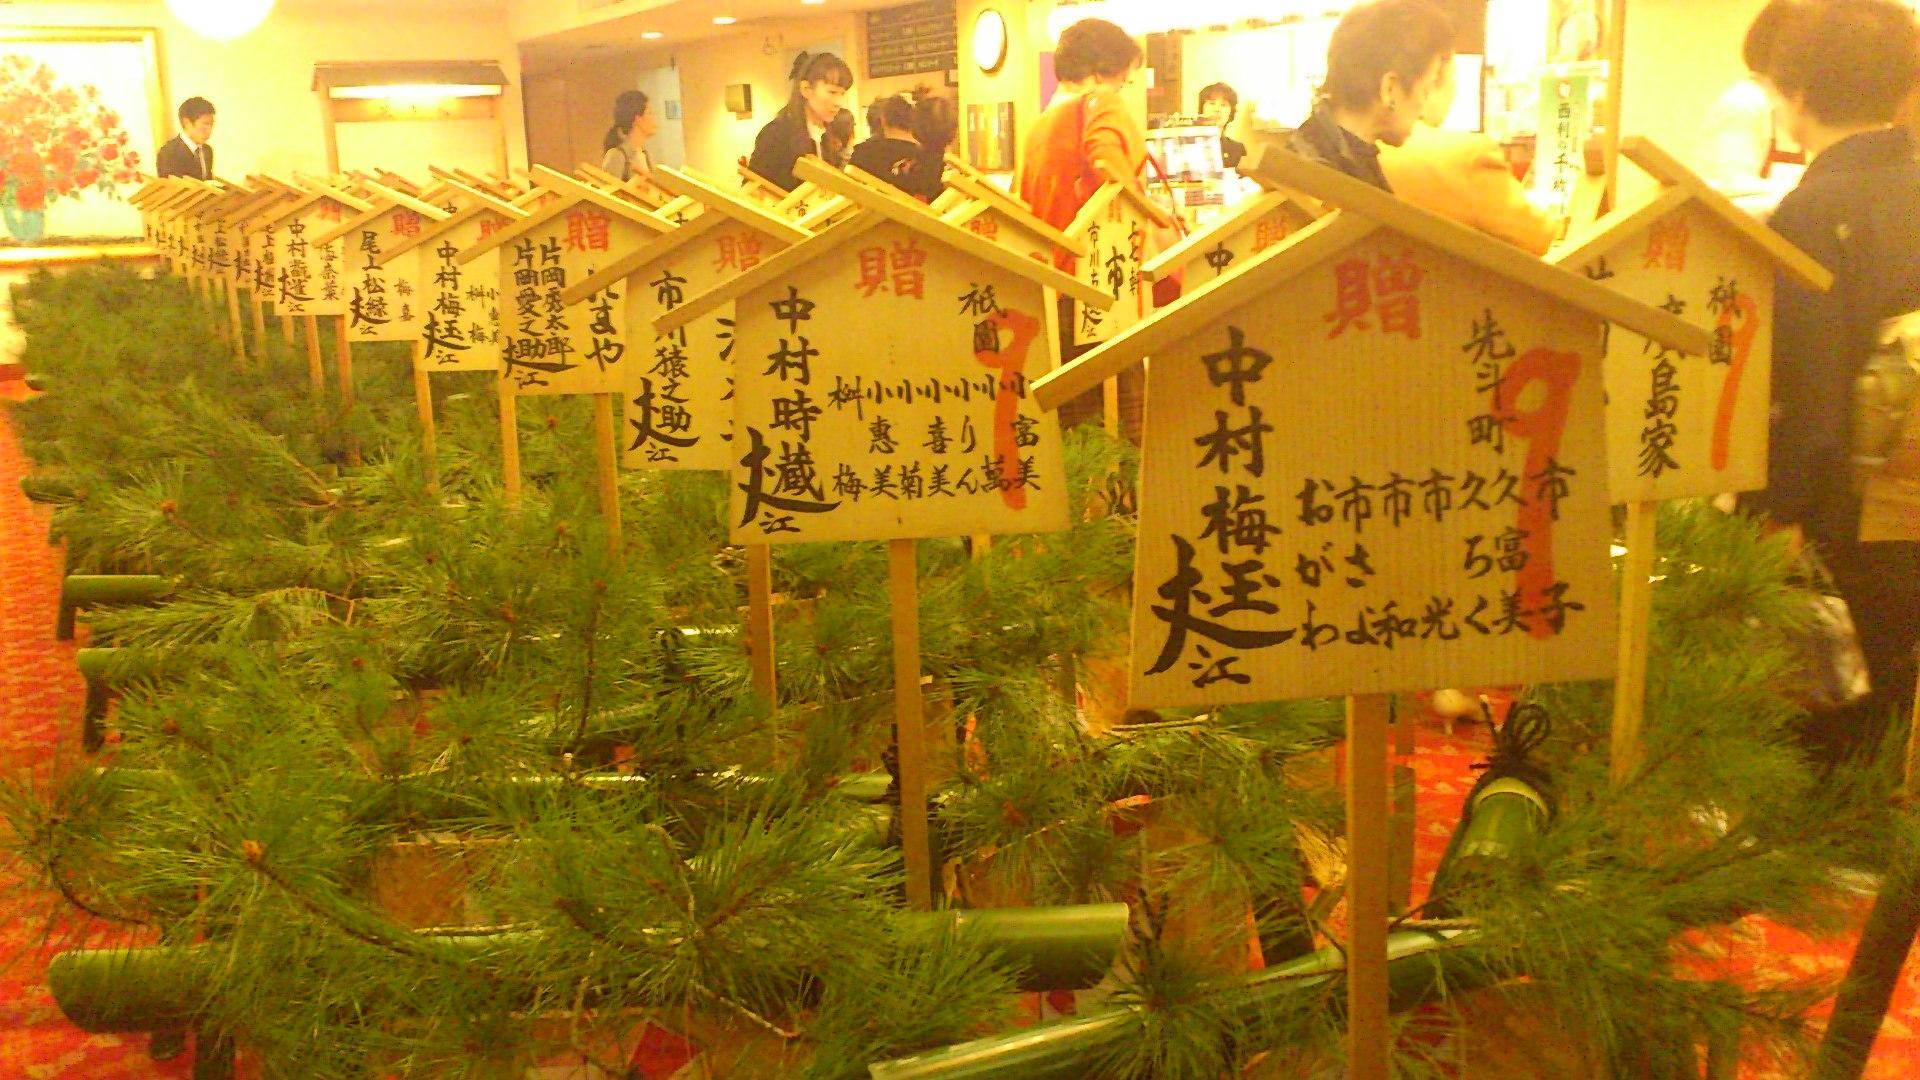 京都四條南座・顔見世興行初日・ゆるゆると幕が開きました